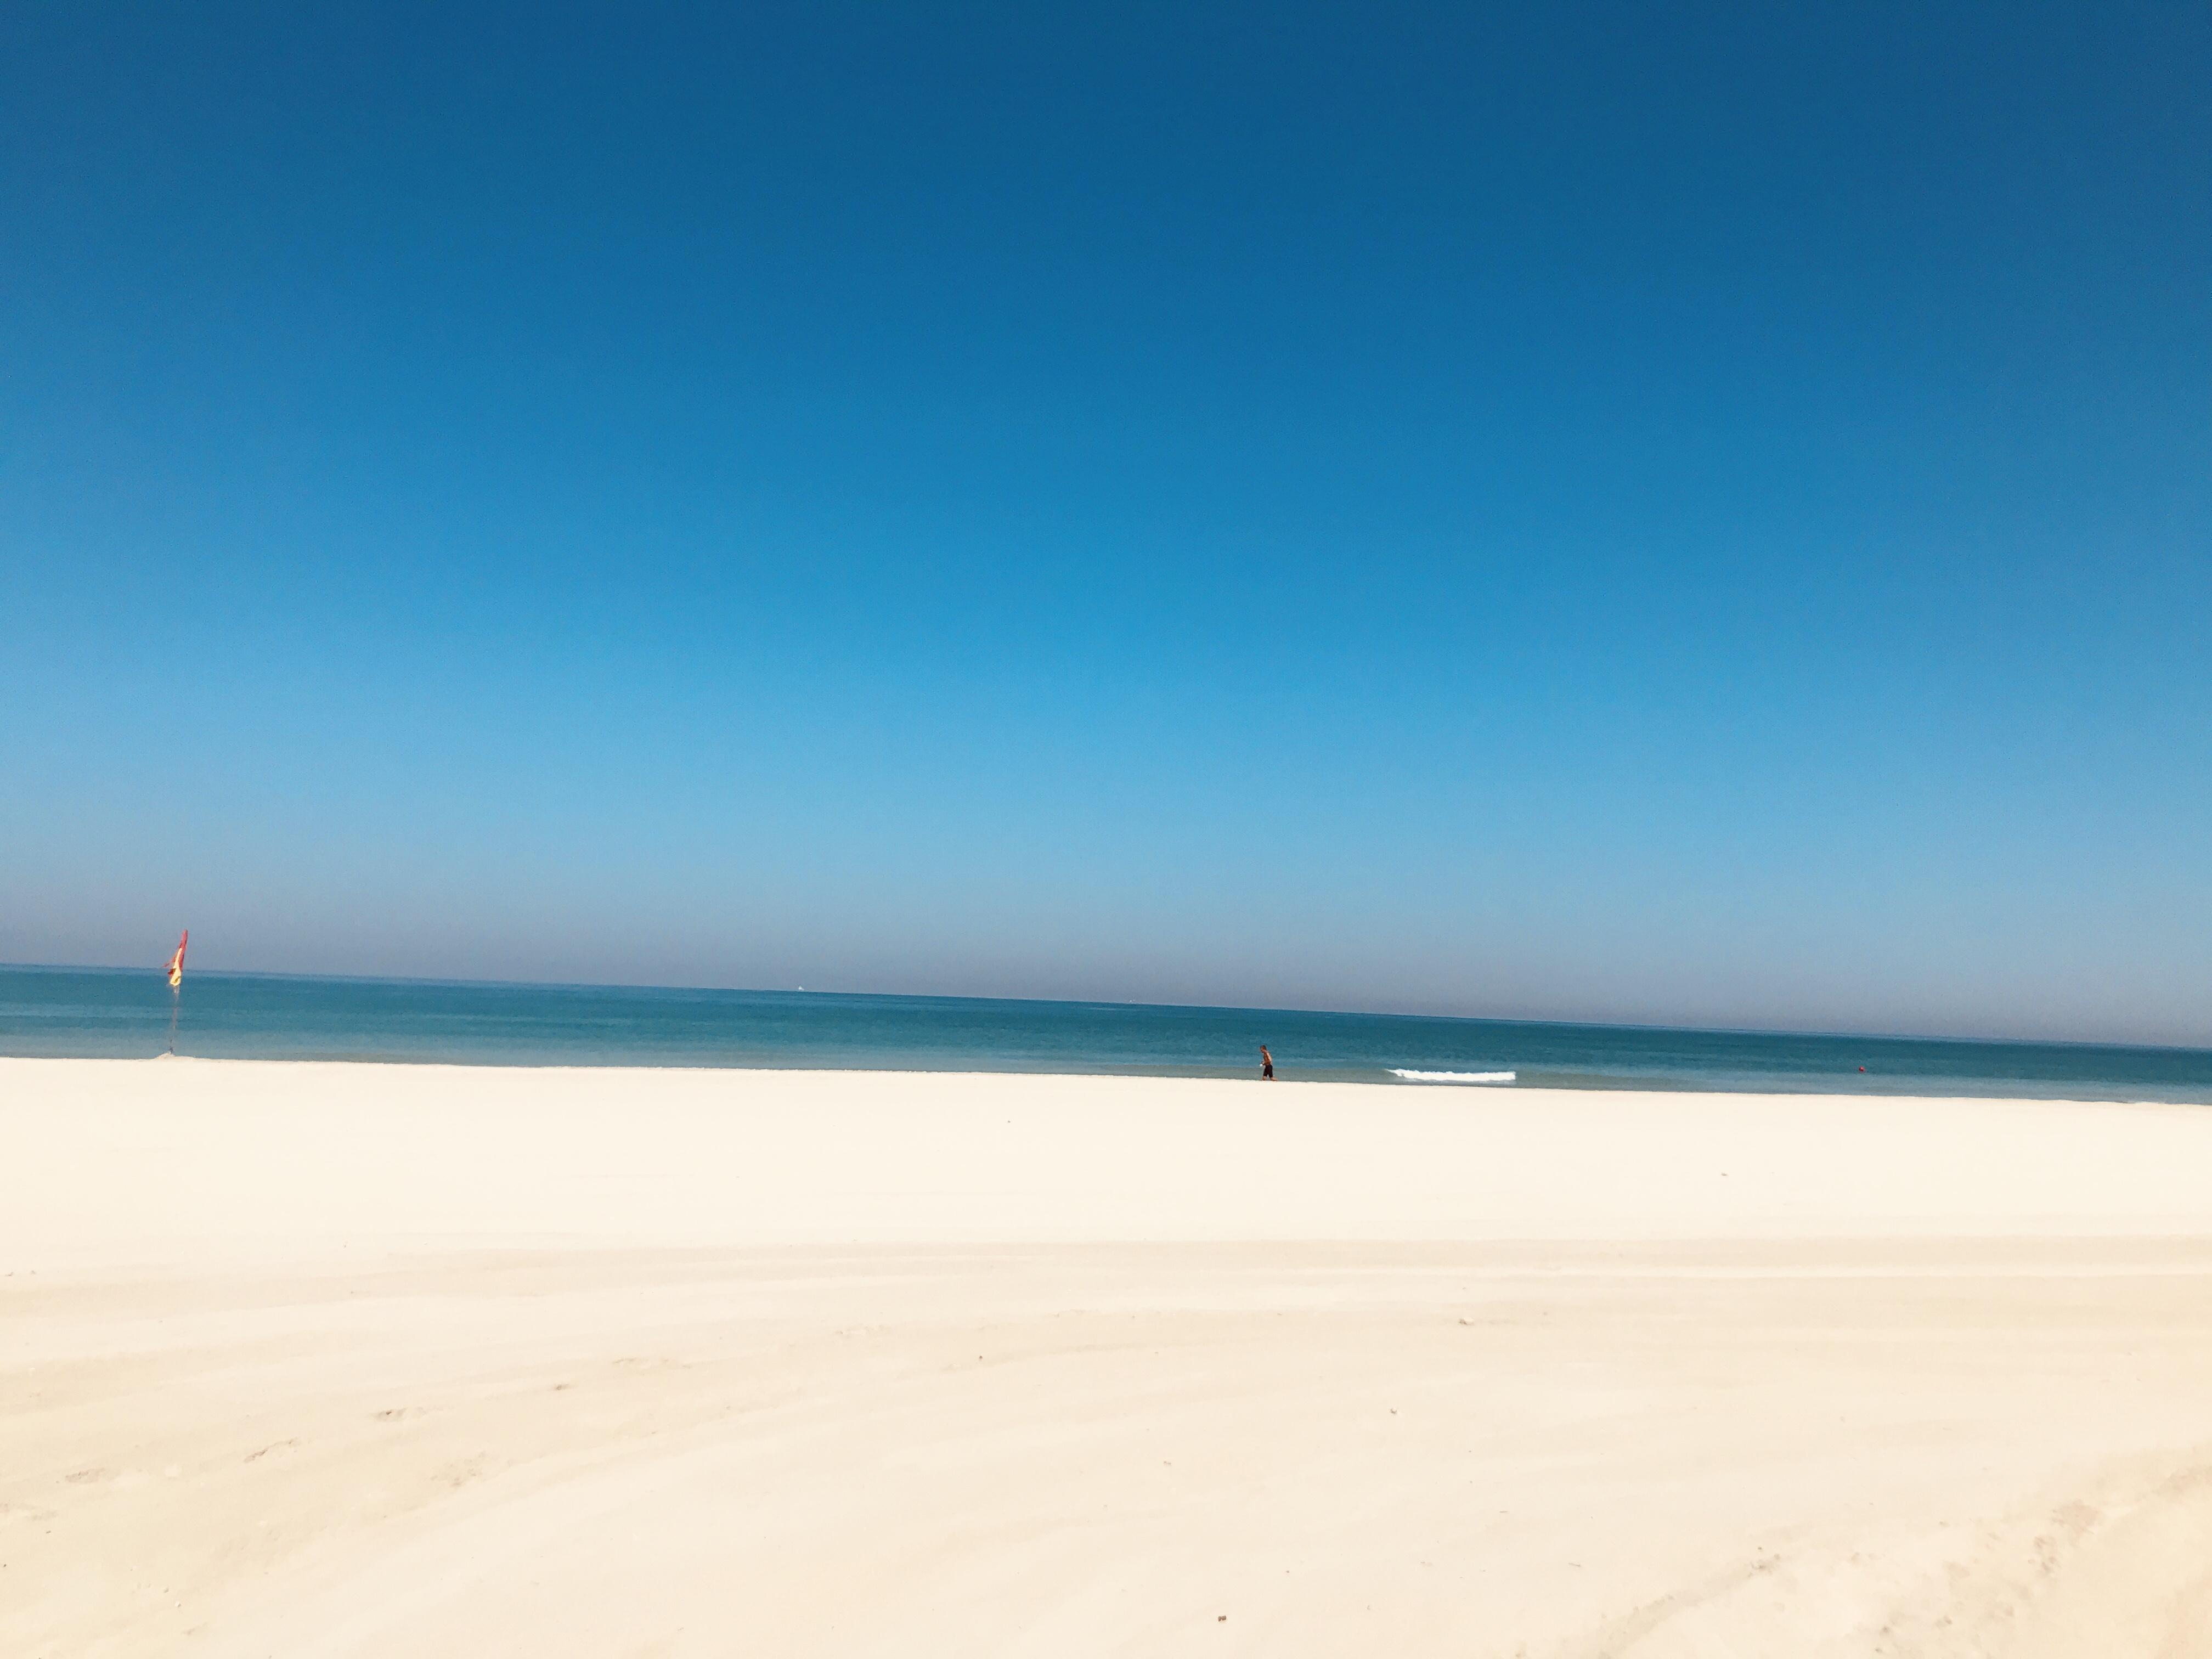 abu Dhabi saadiyat rotana